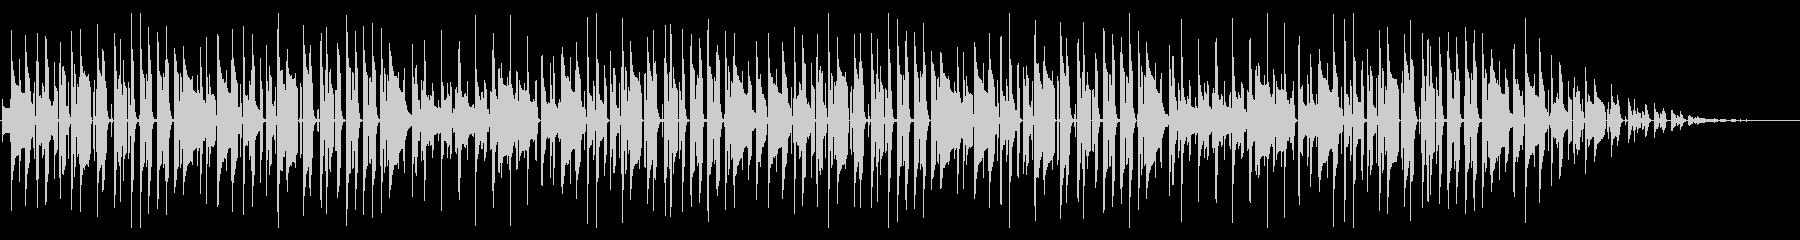 サッカー定番曲「凱旋行進曲」脱力アレンジの未再生の波形